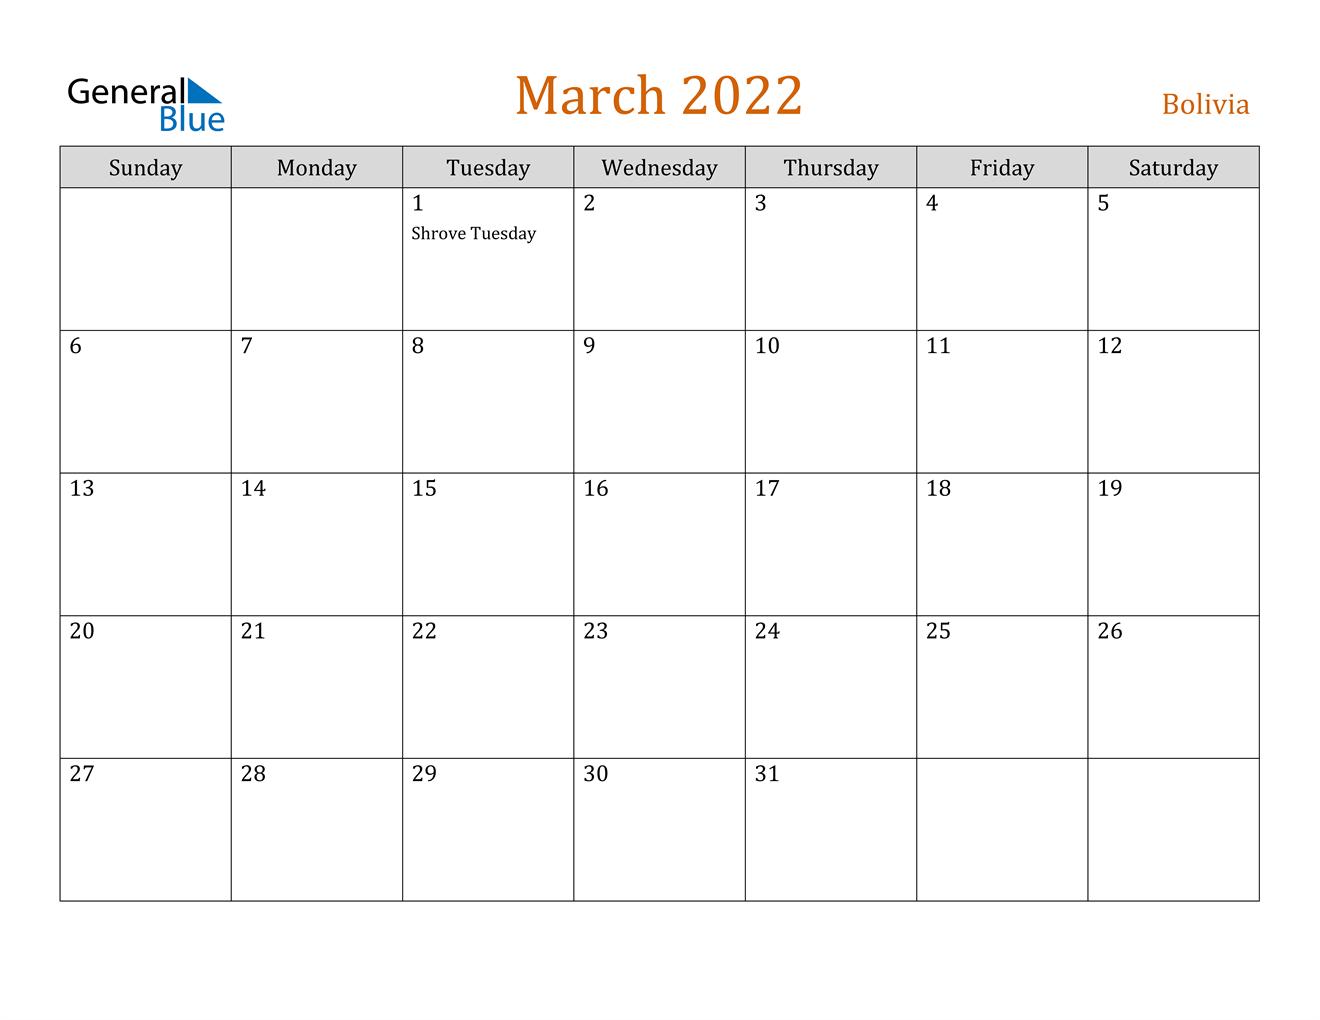 March 2022 Calendar - Bolivia